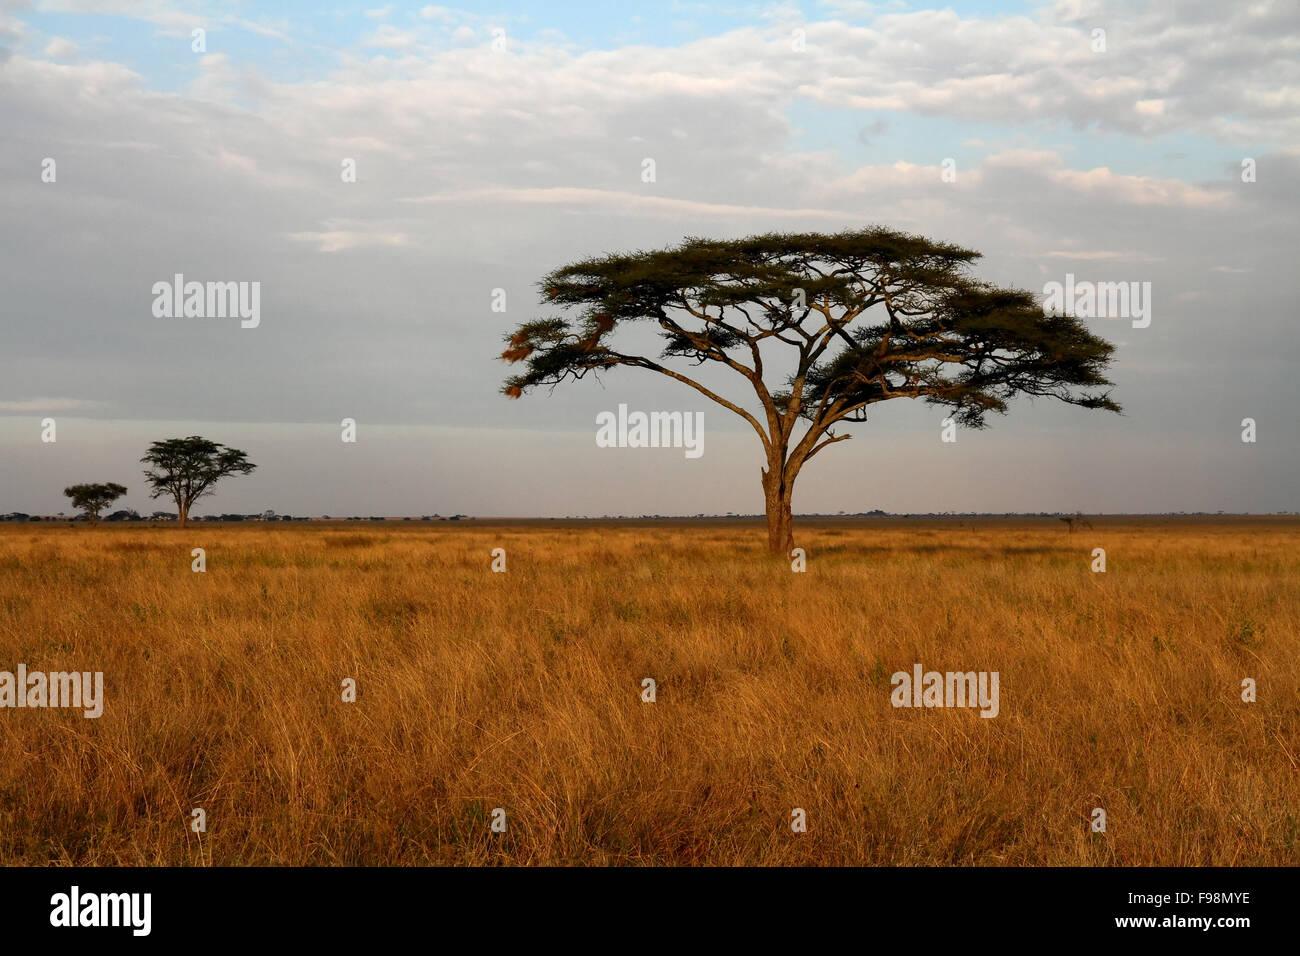 Árboles de Acacia escalonados en la sabana africana savannah Imagen De Stock